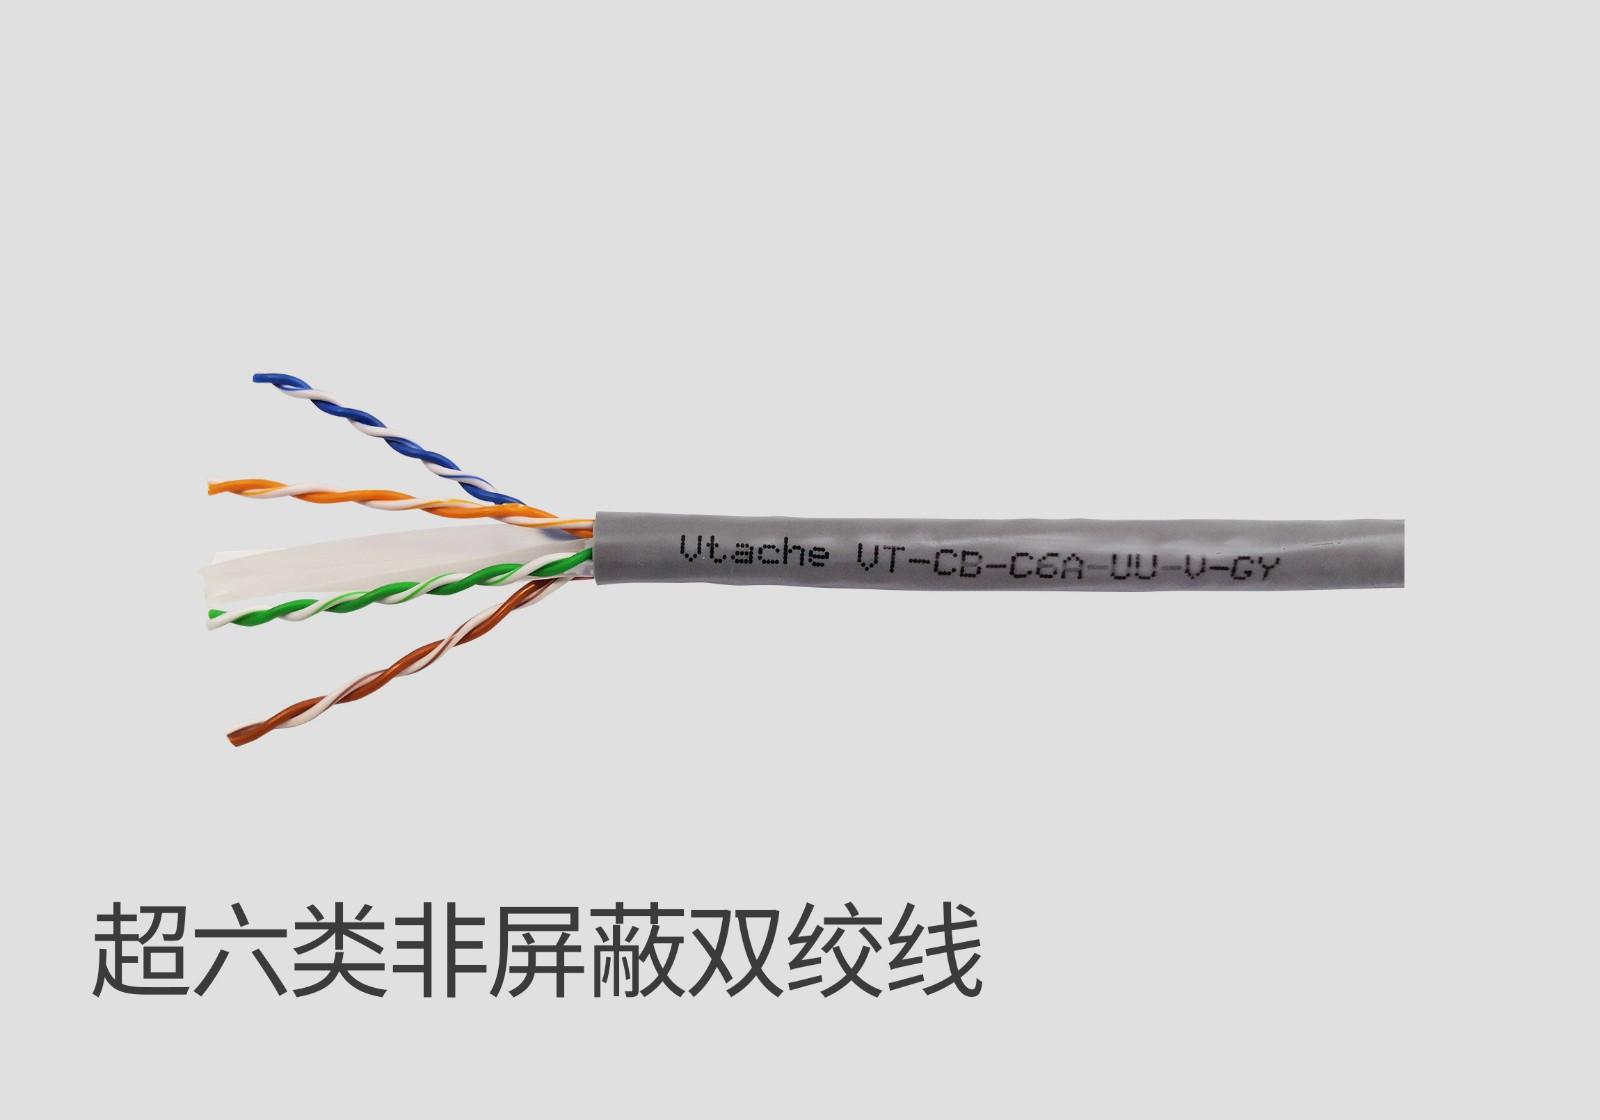 超六类非屏蔽双绞线